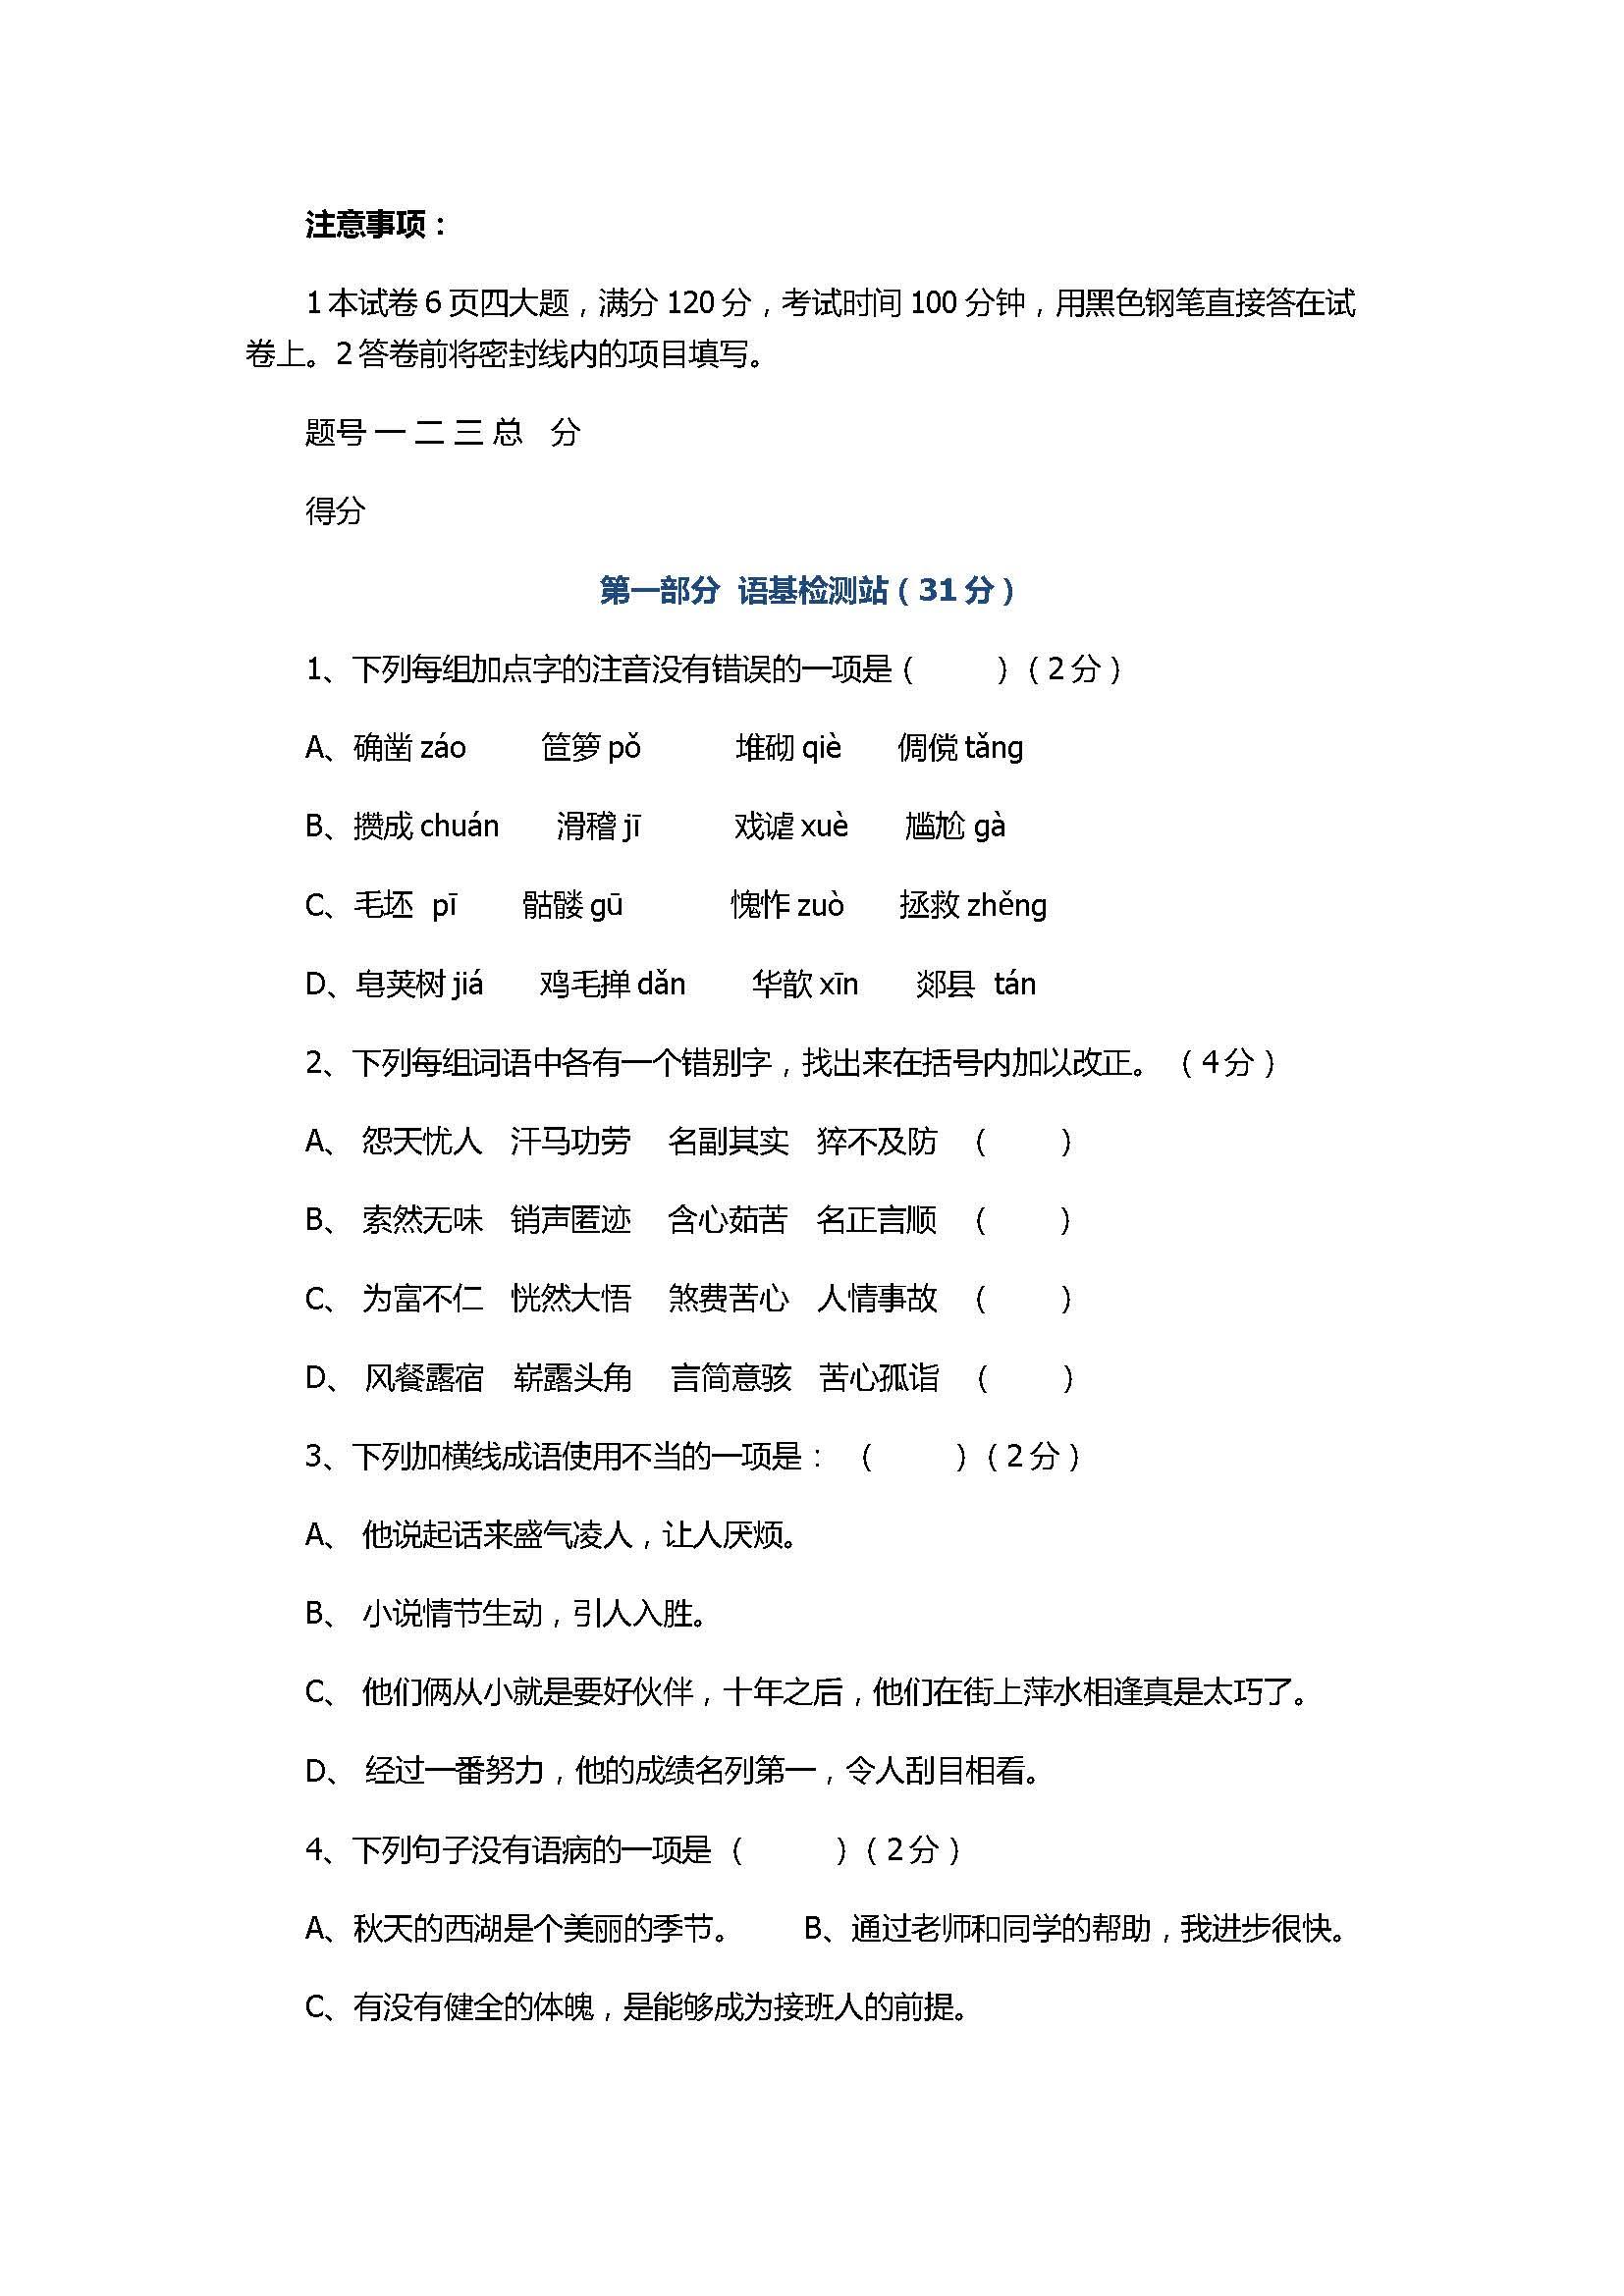 2017七年级语文上册期中试卷含参考答案(周口市)